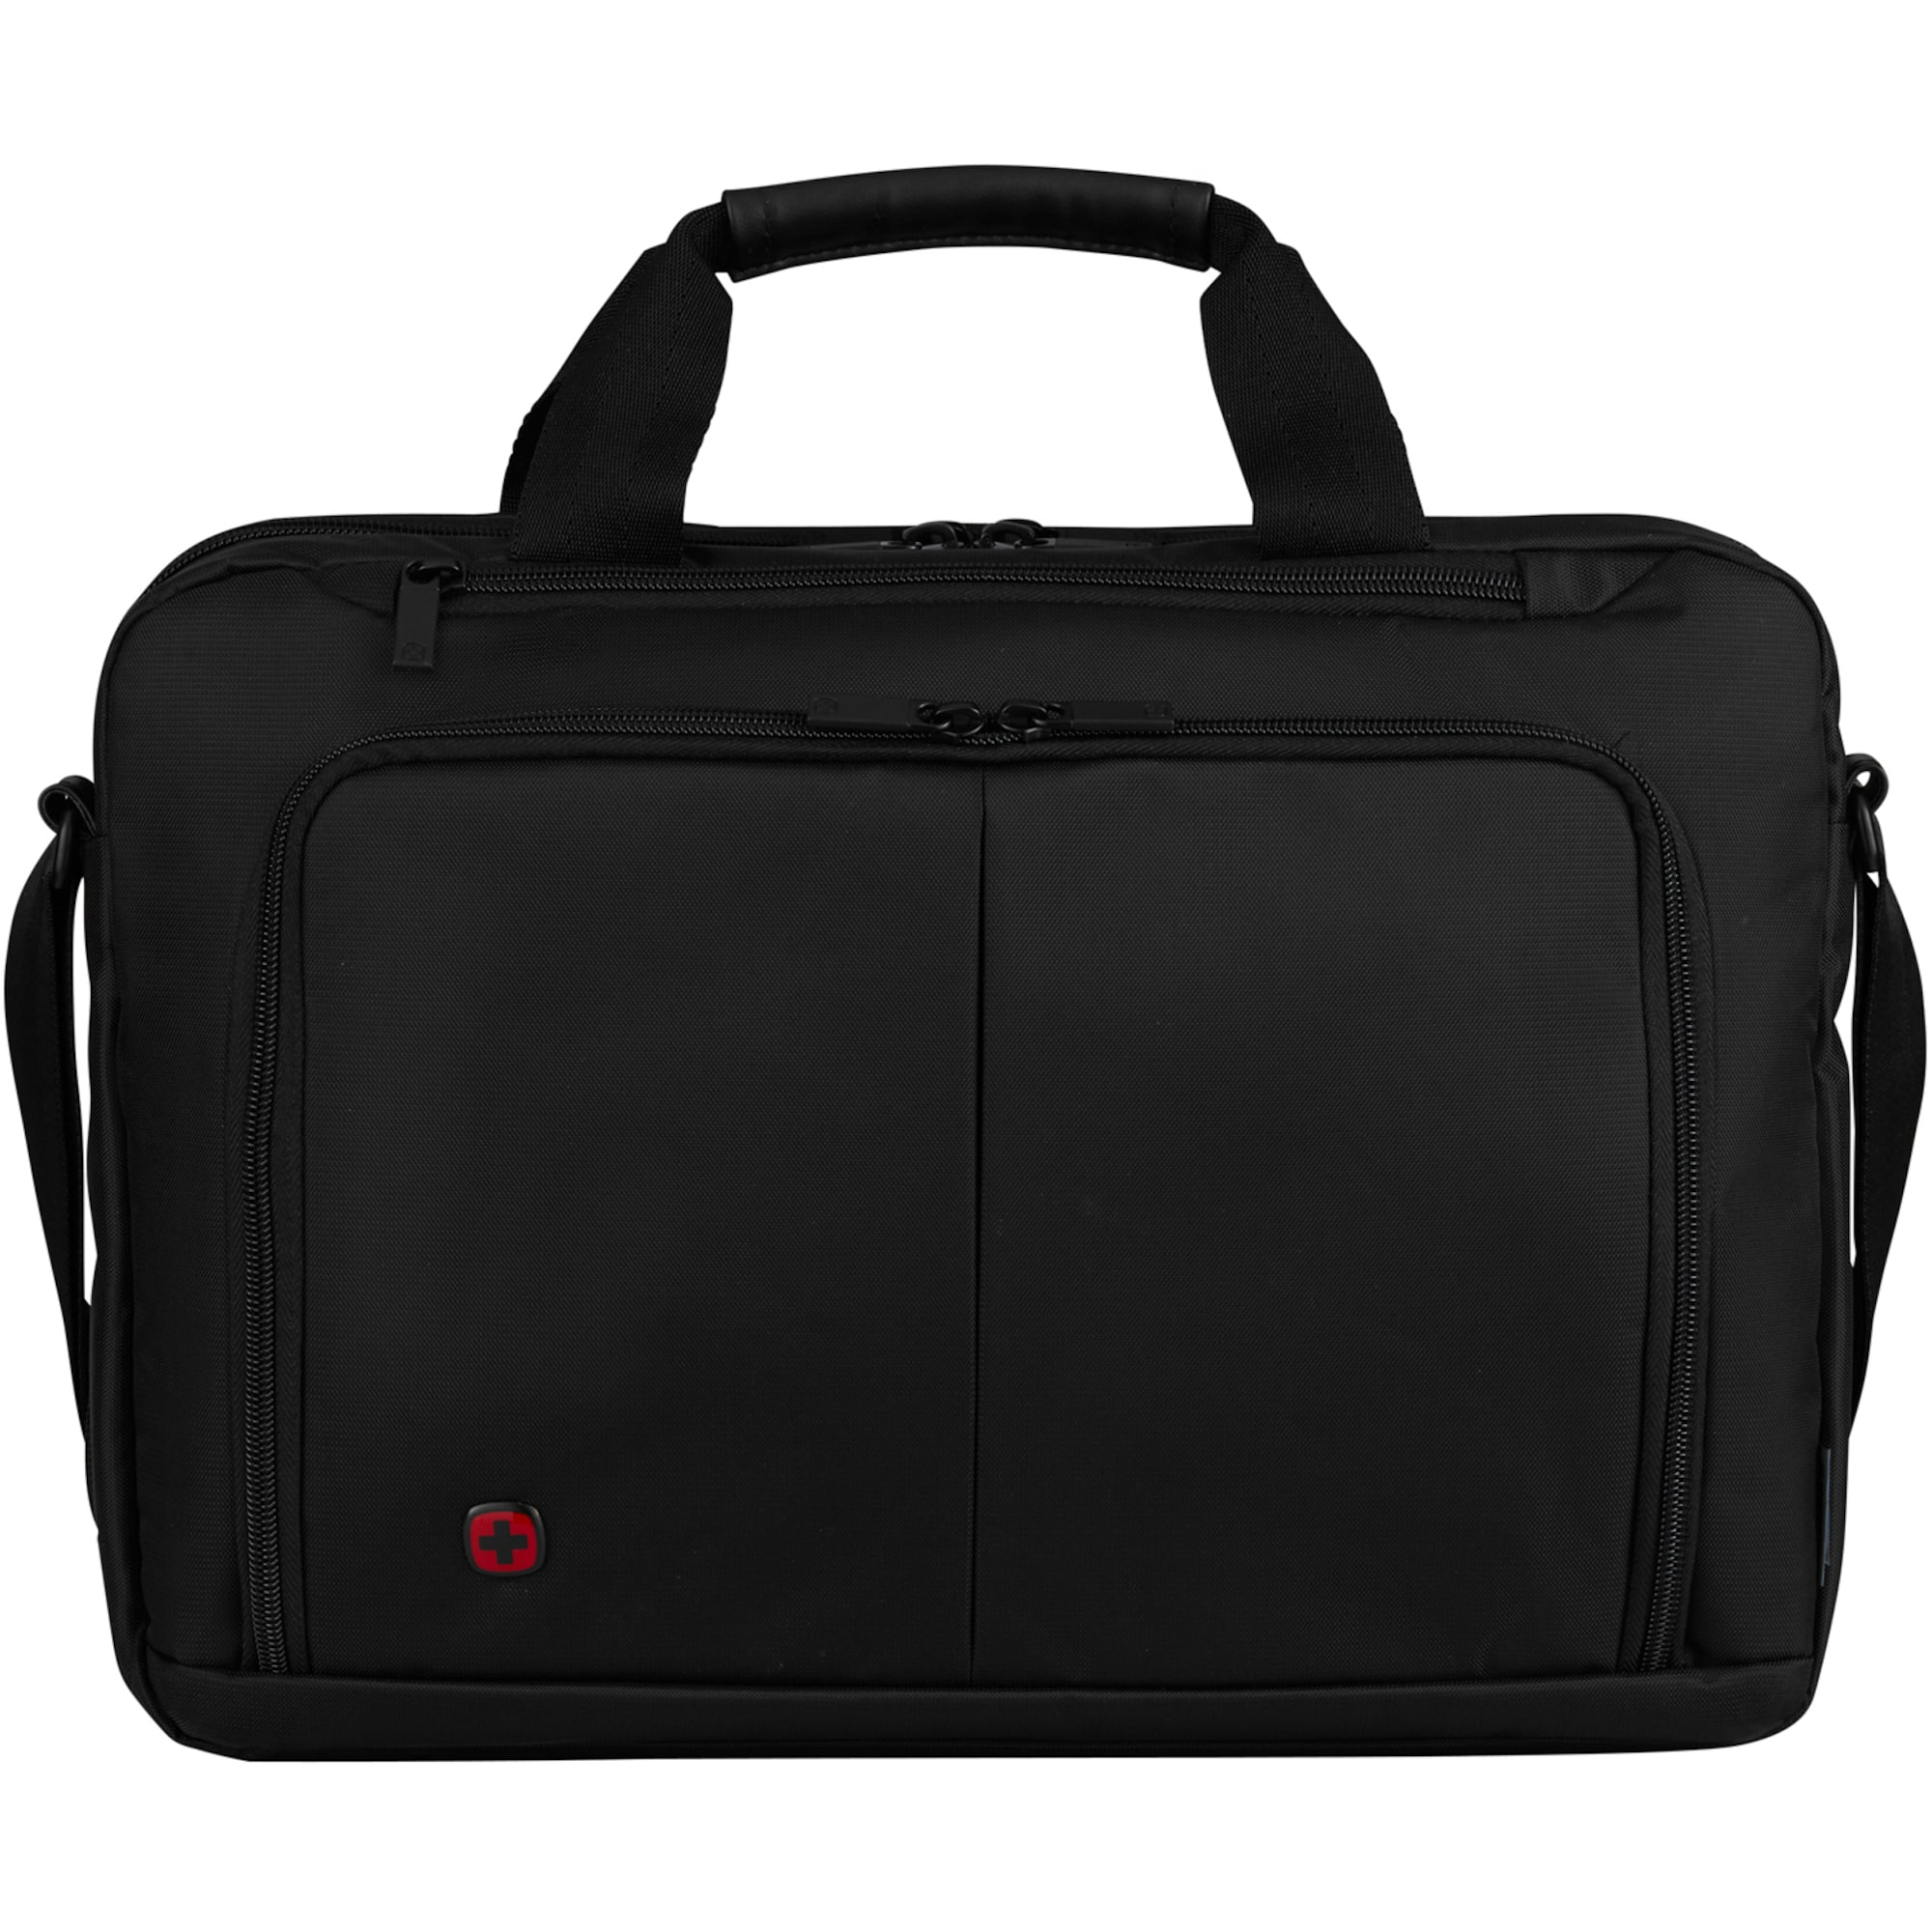 Laptoptasche 'Source' | Taschen > Business Taschen > Laptoptaschen | Wenger